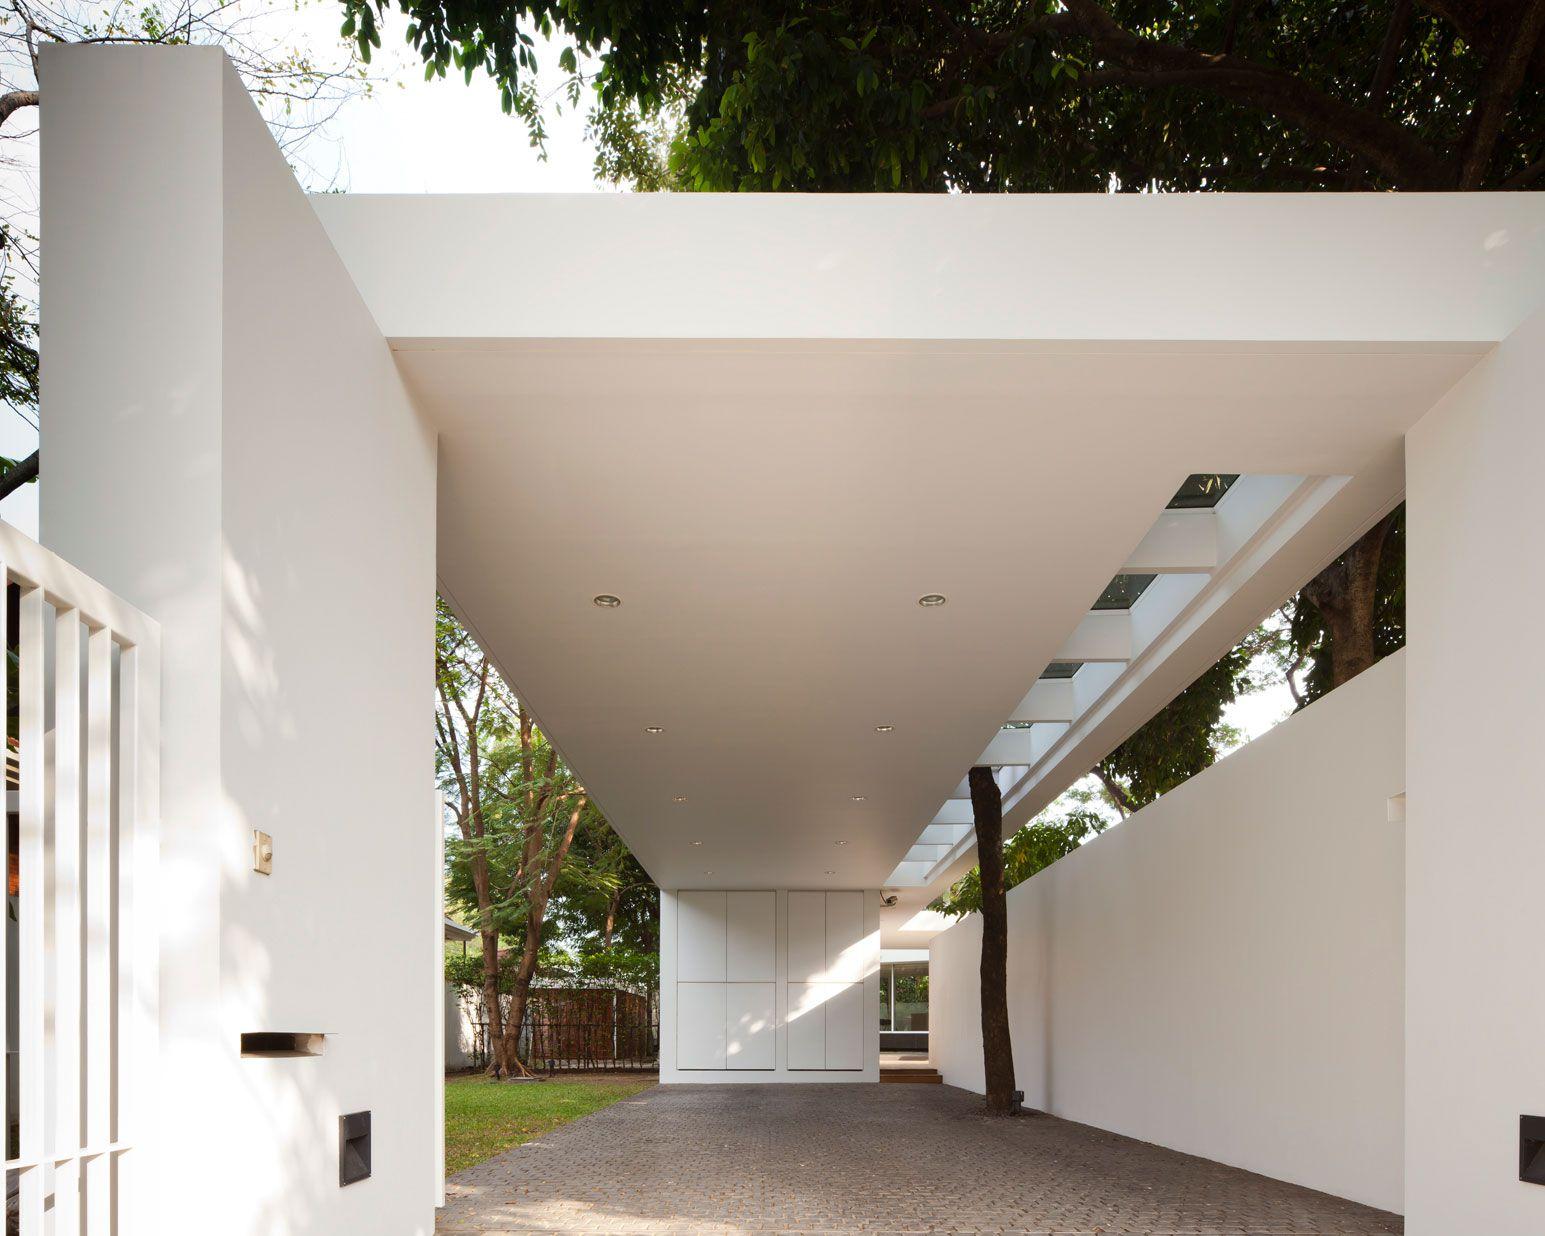 Residence-Panya-Pattanakarn-37-01